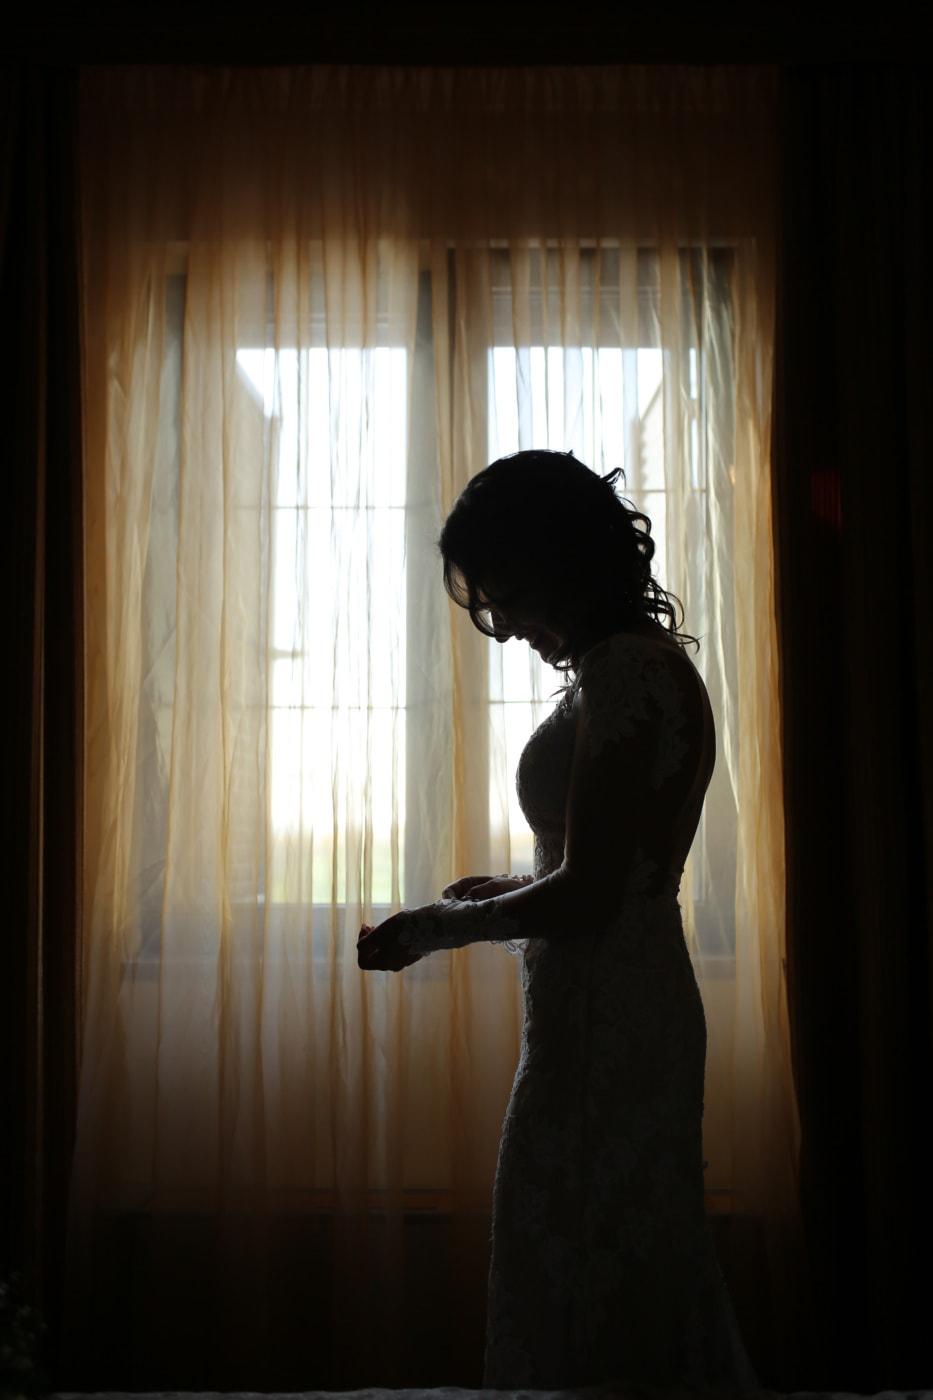 alleen, jonge vrouw, depressie, emotie, verdriet, duisternis, slaapkamer, schaduw, venster, Gordijn